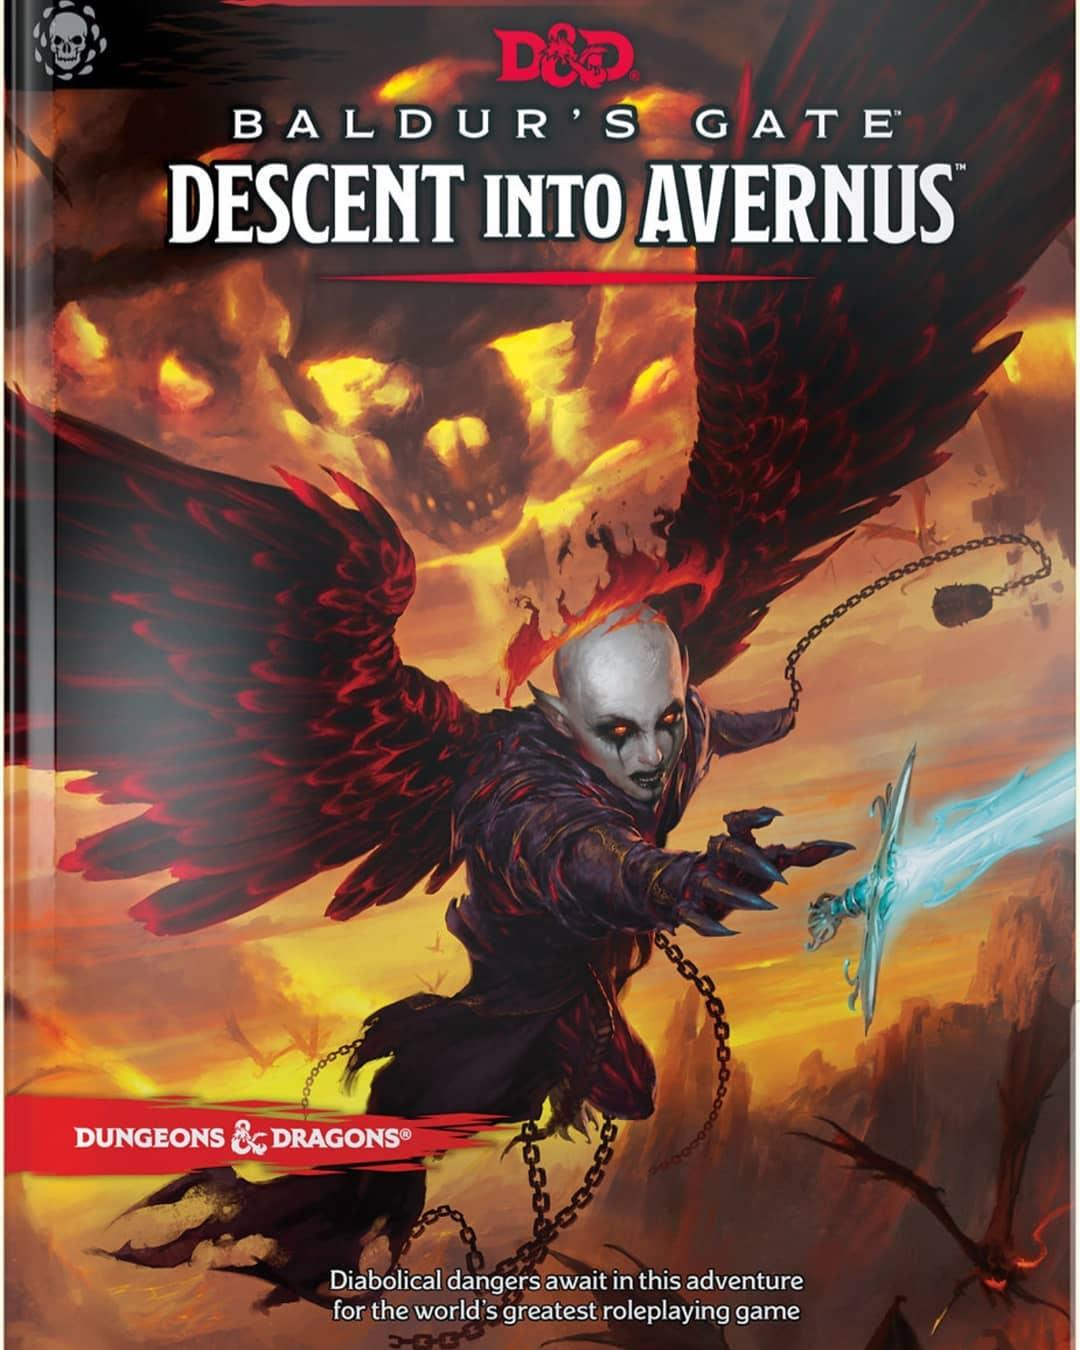 D&D 5.0: Baldur's Gate - Descent Into Avernus